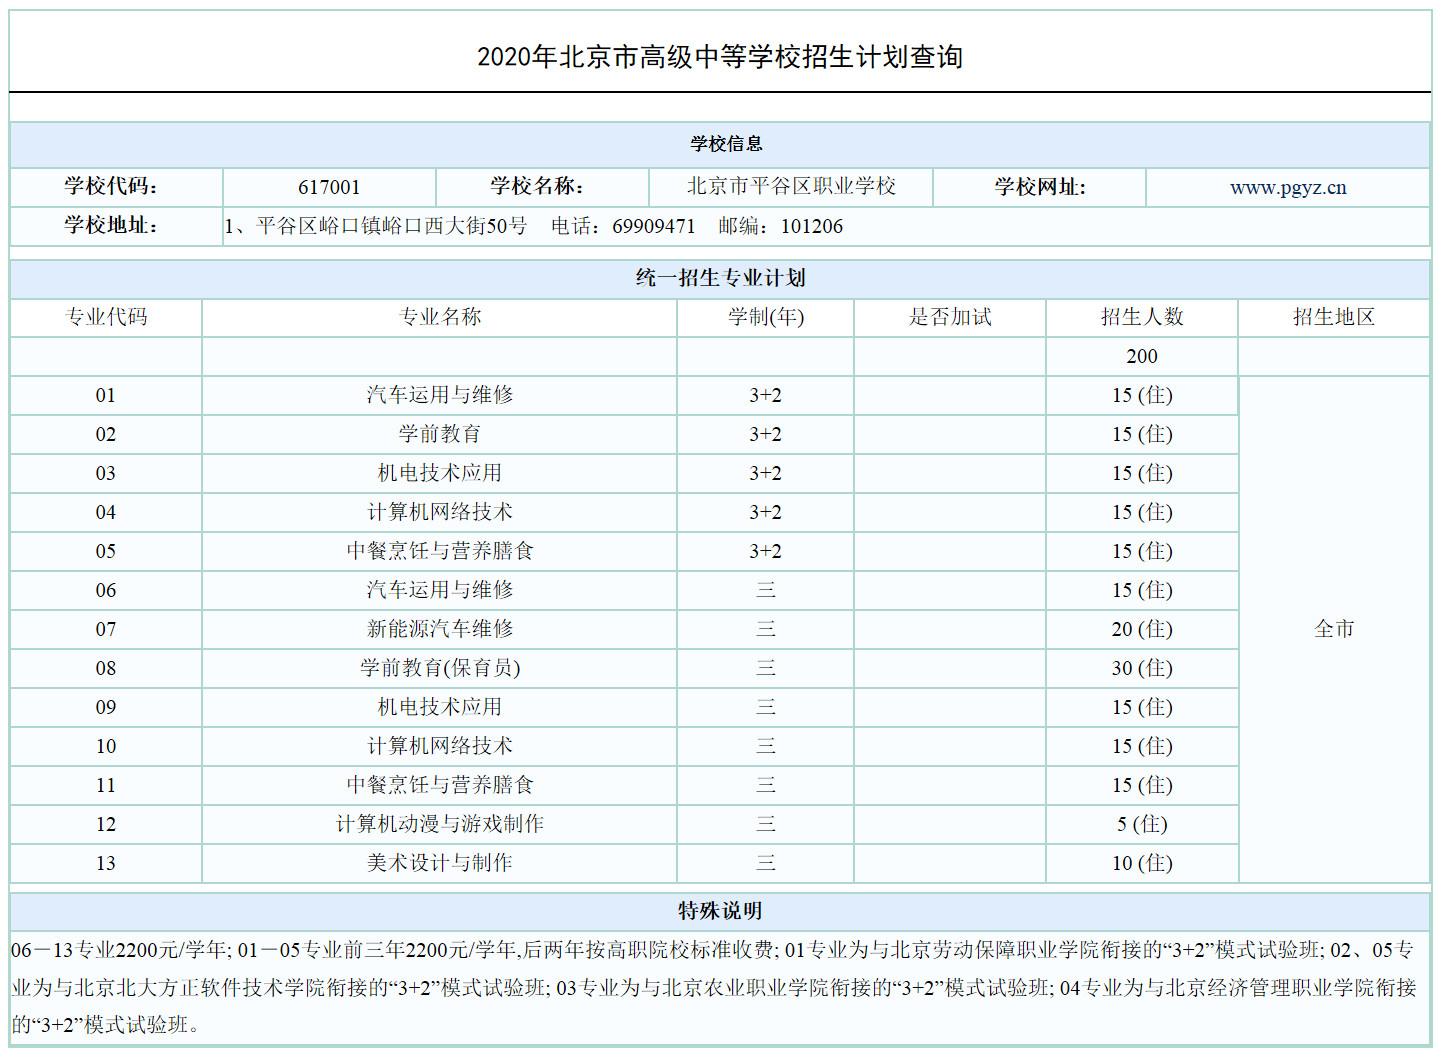 2020北京市职业学校统一招生计划公布(平谷区职高)